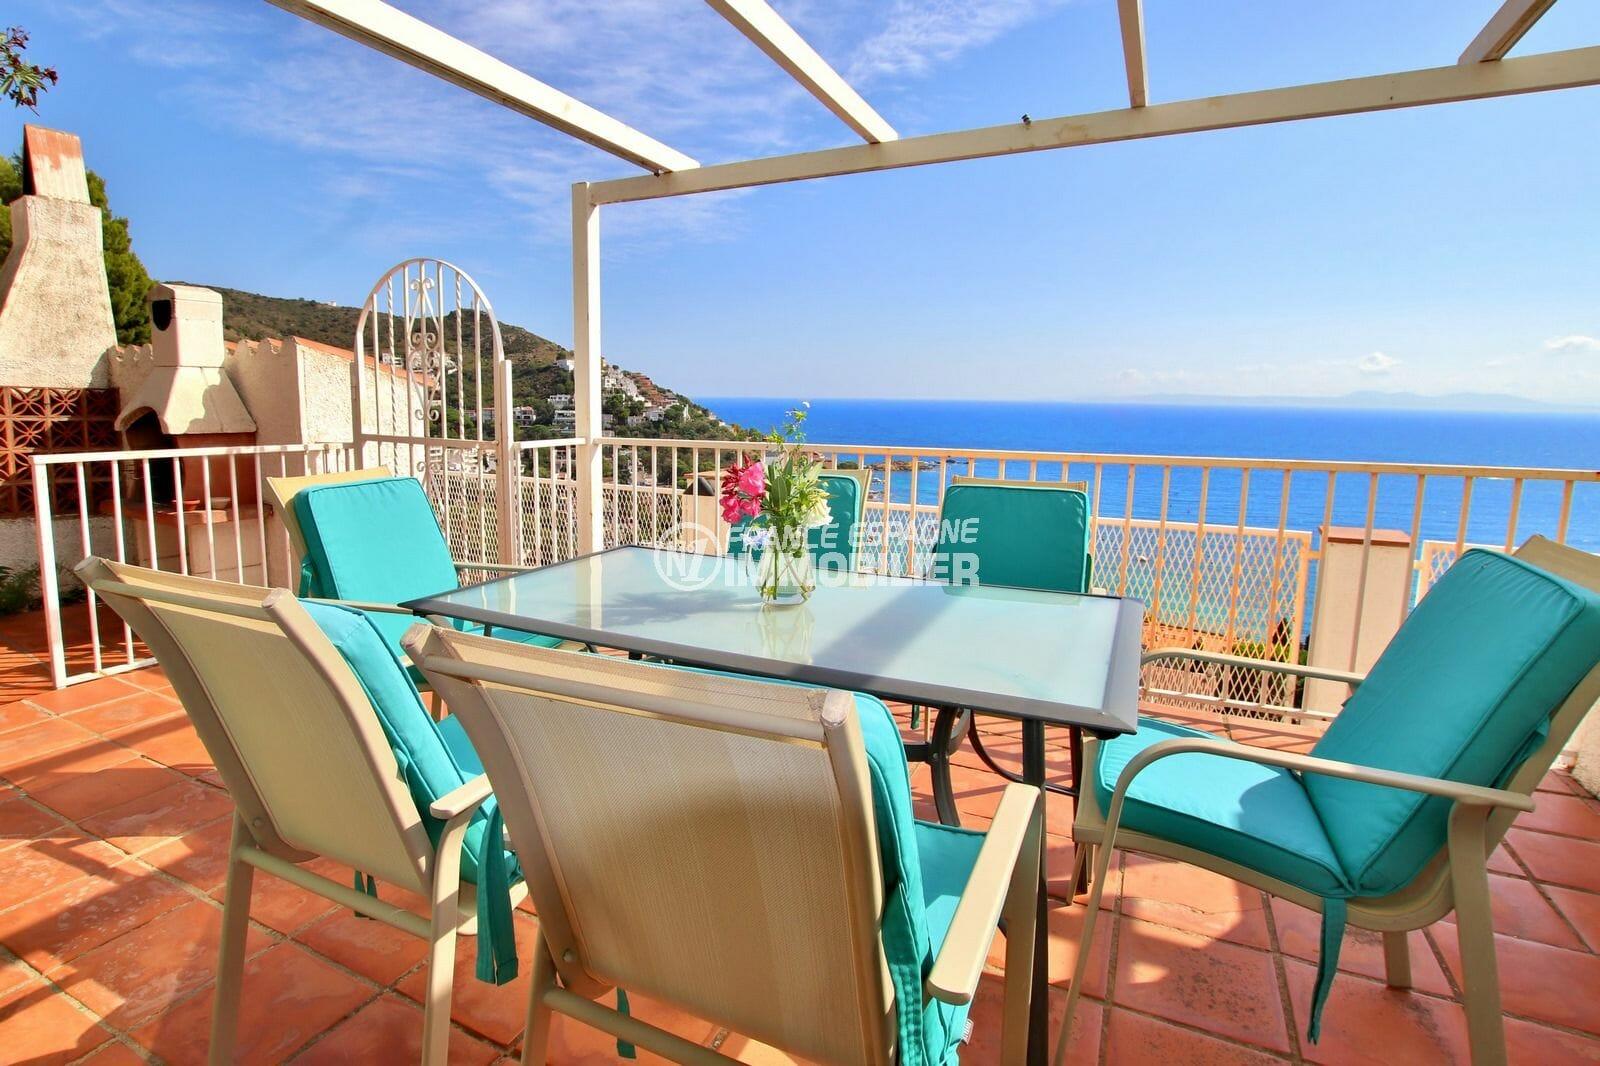 achat maison costa brava, 2 chambres 62m², terrasse vue sur mer, exposition sud, plage et commerces à 500 m